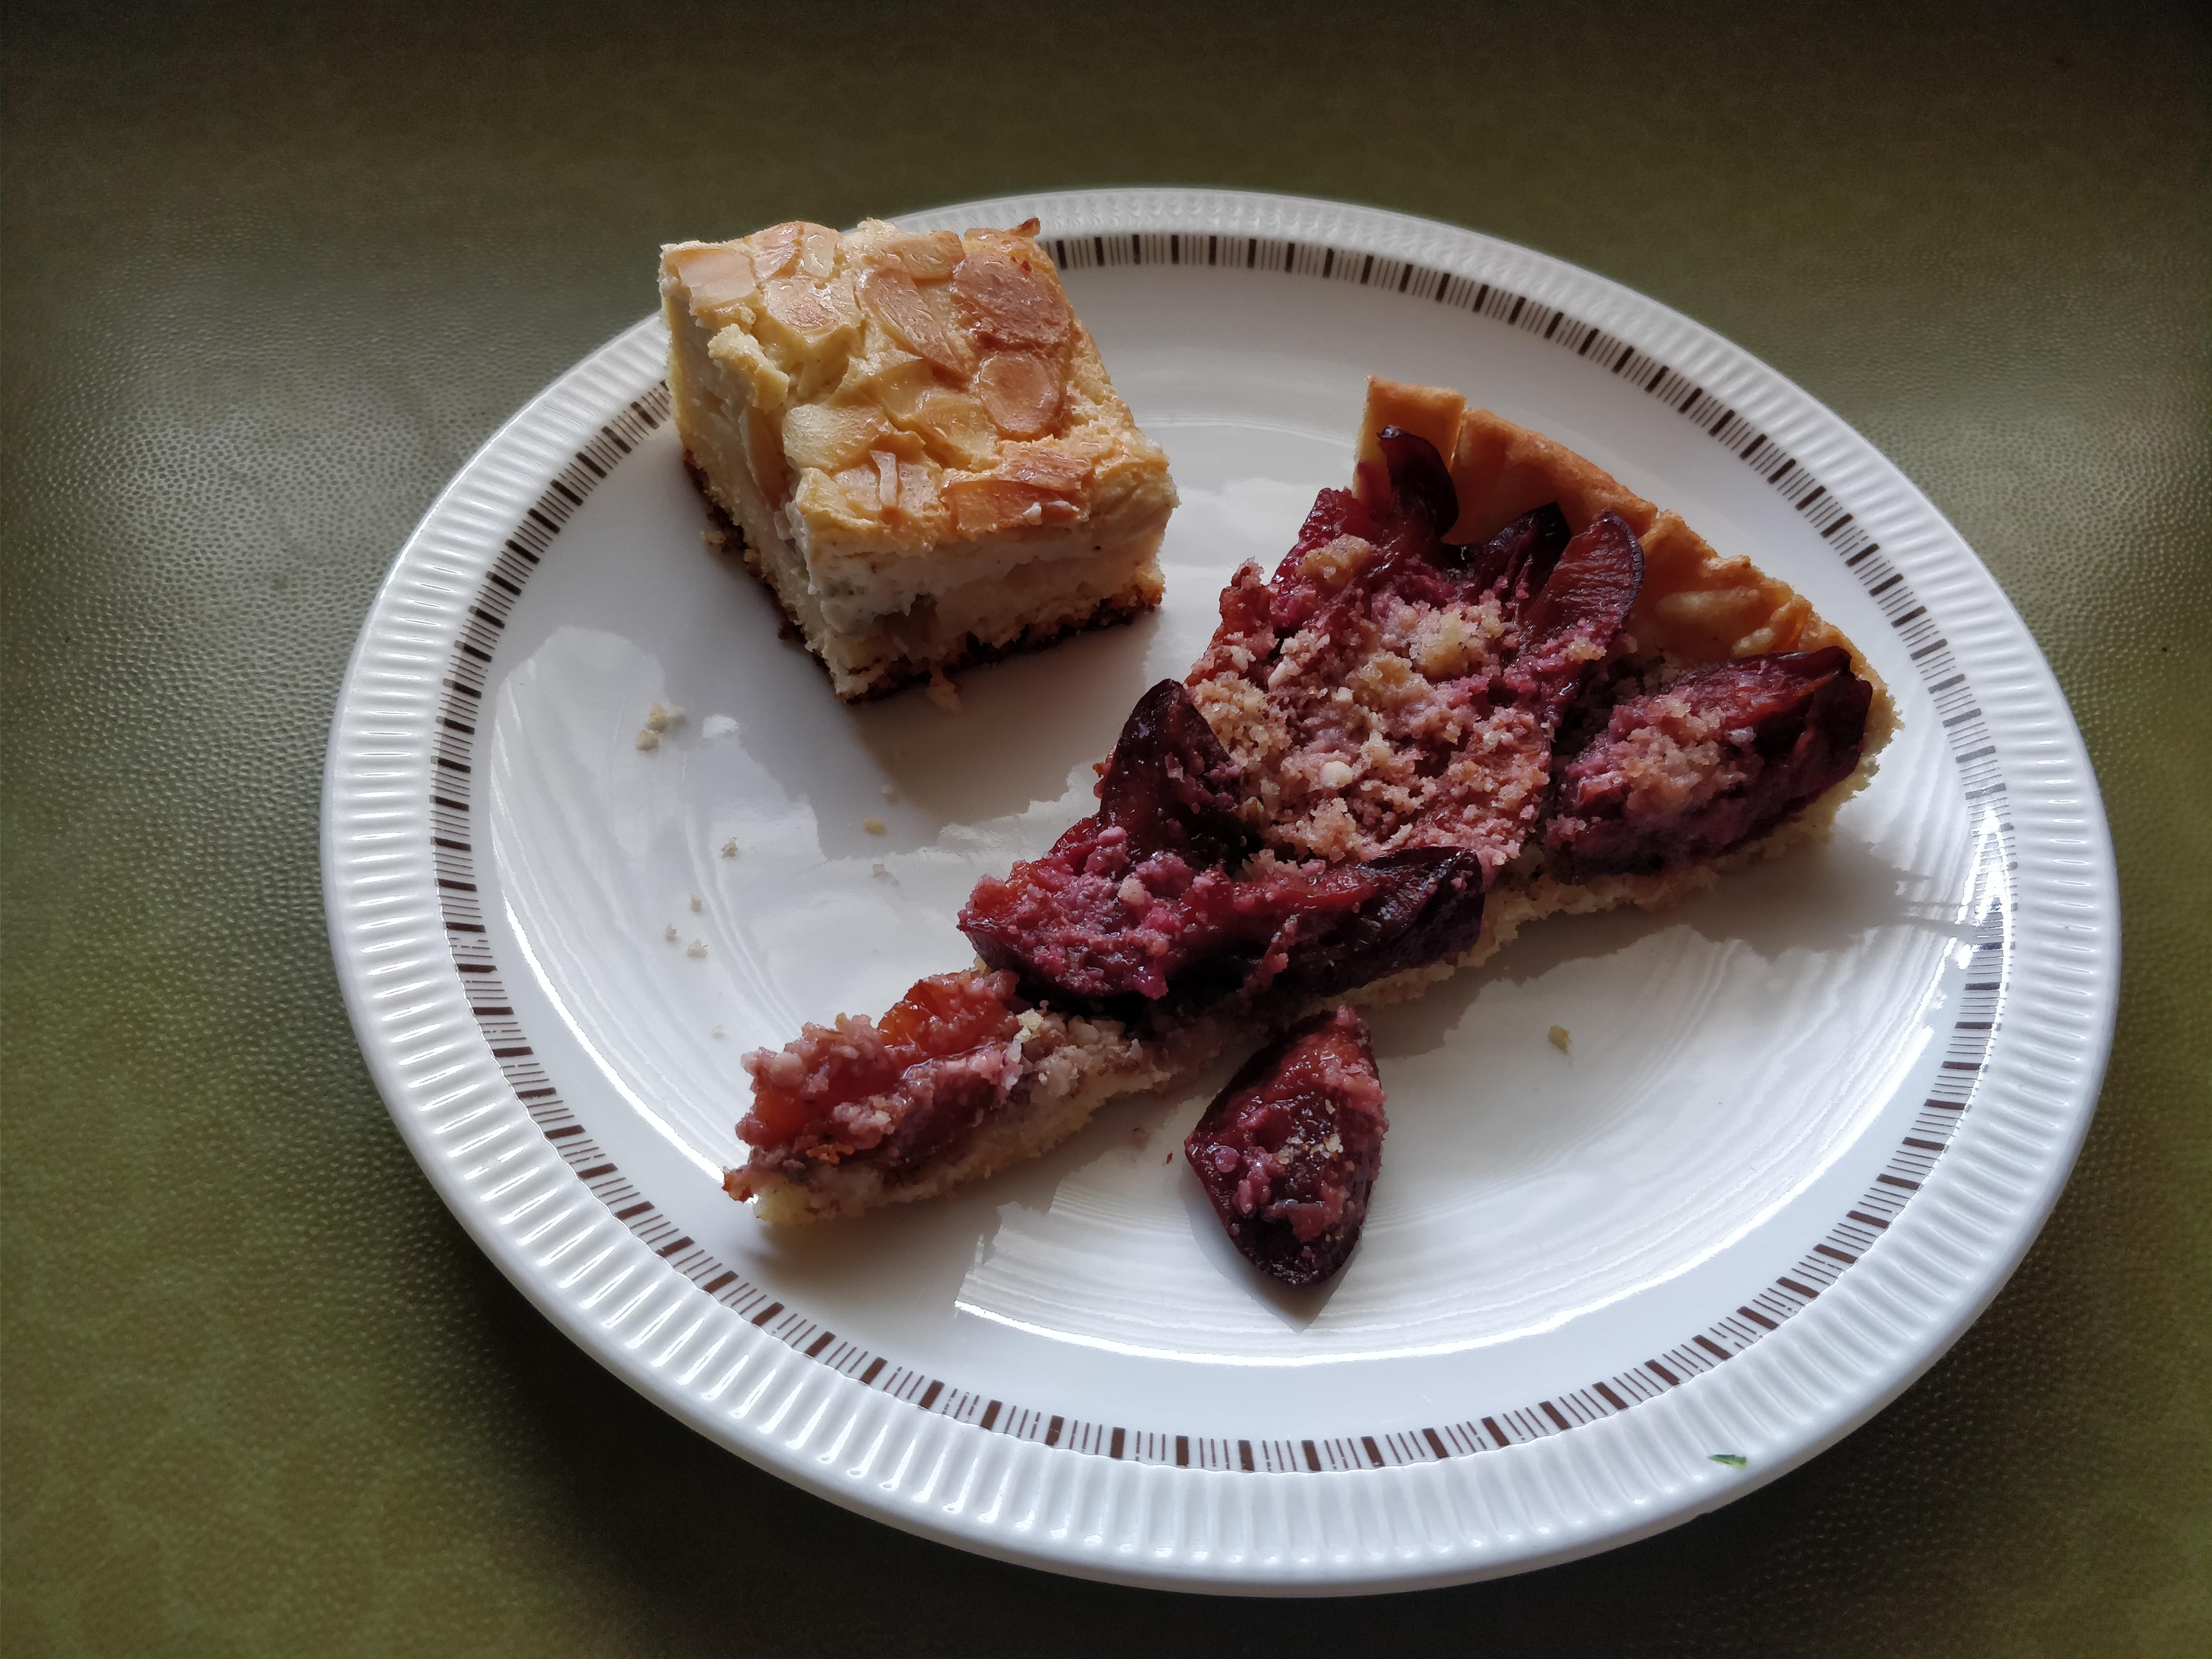 http://foodloader.net/nico_2017-10-03_zwetschgenkuchen-und-rhabarberkuchen.jpg